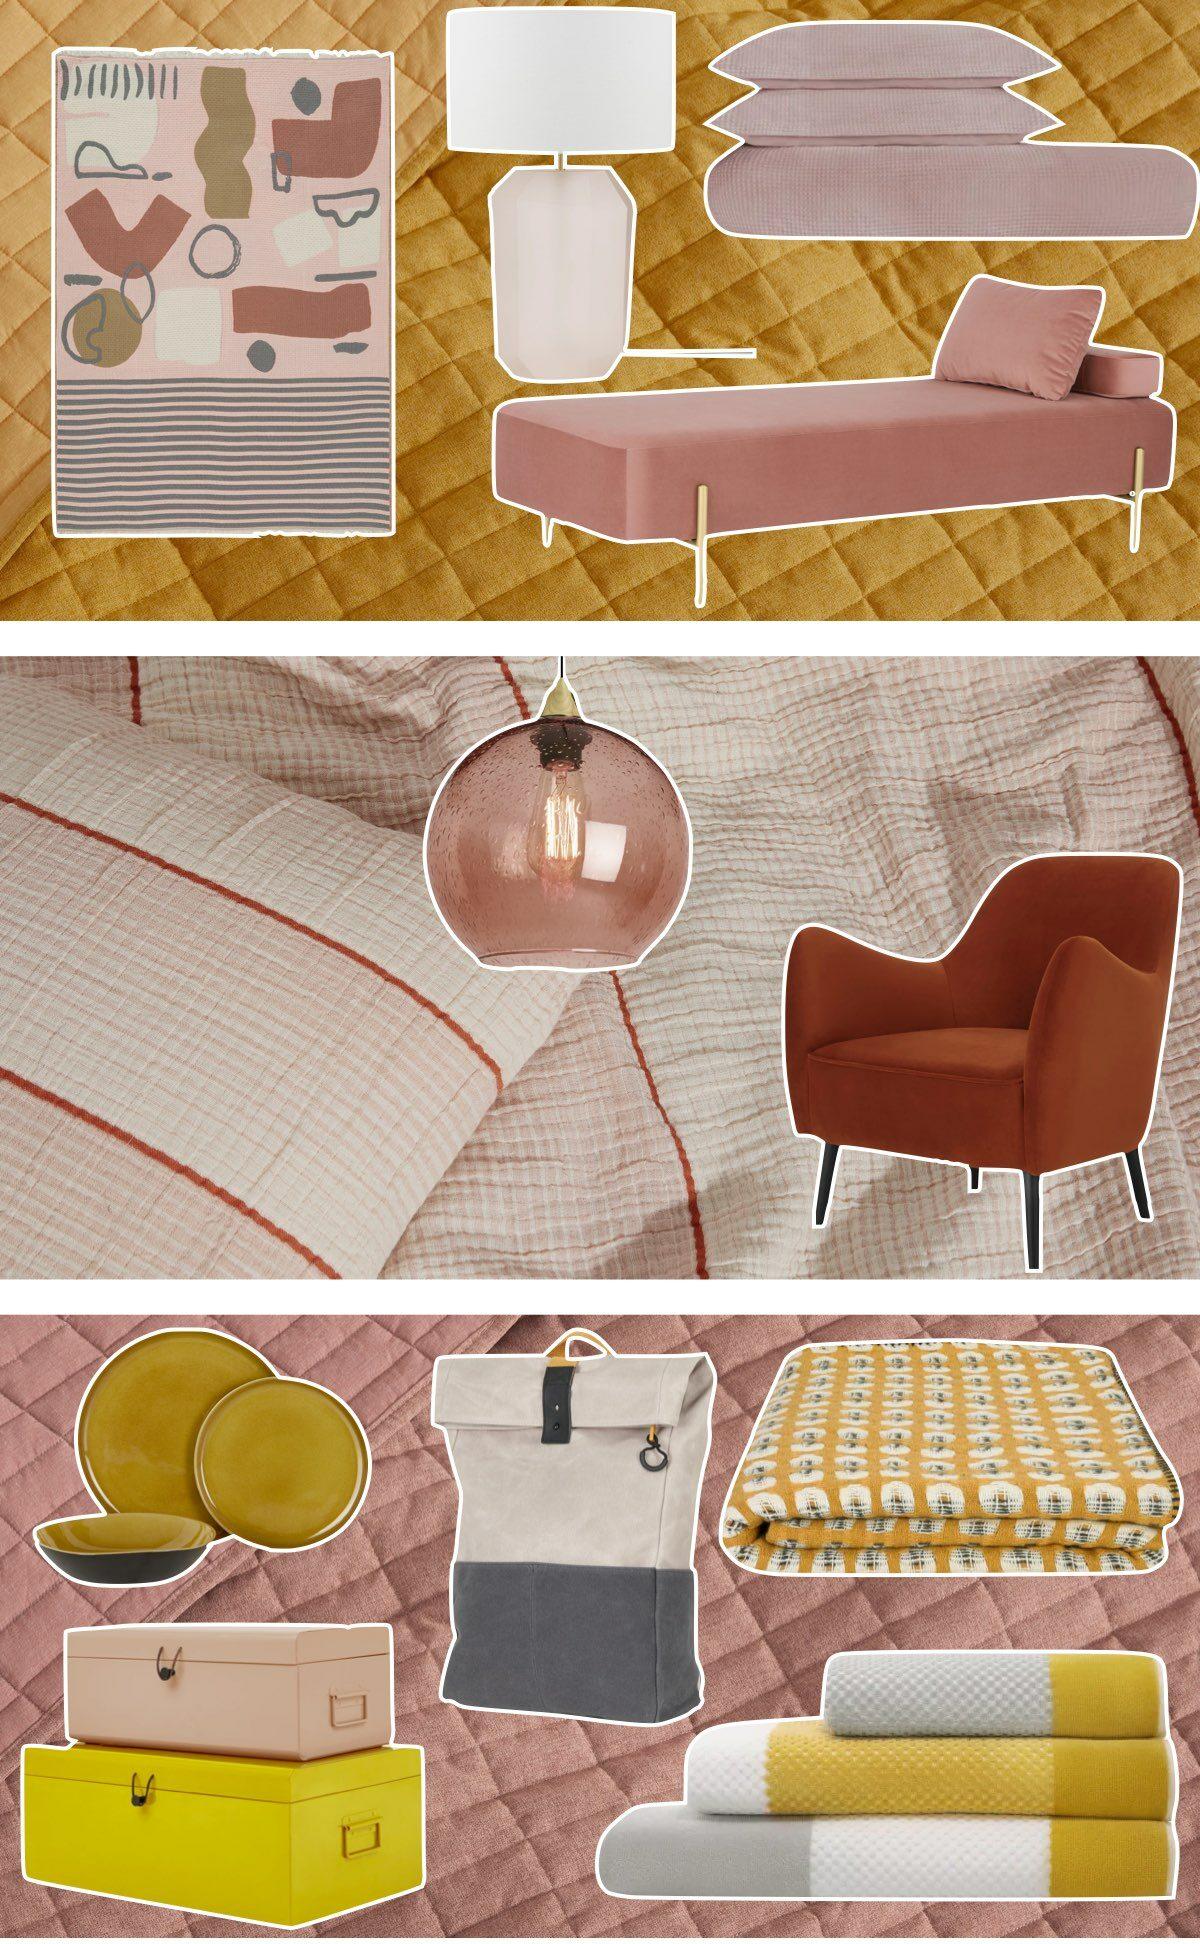 idée cadeau pendaison crémaillère objet design - blog décoration intérieur - clem around the corner